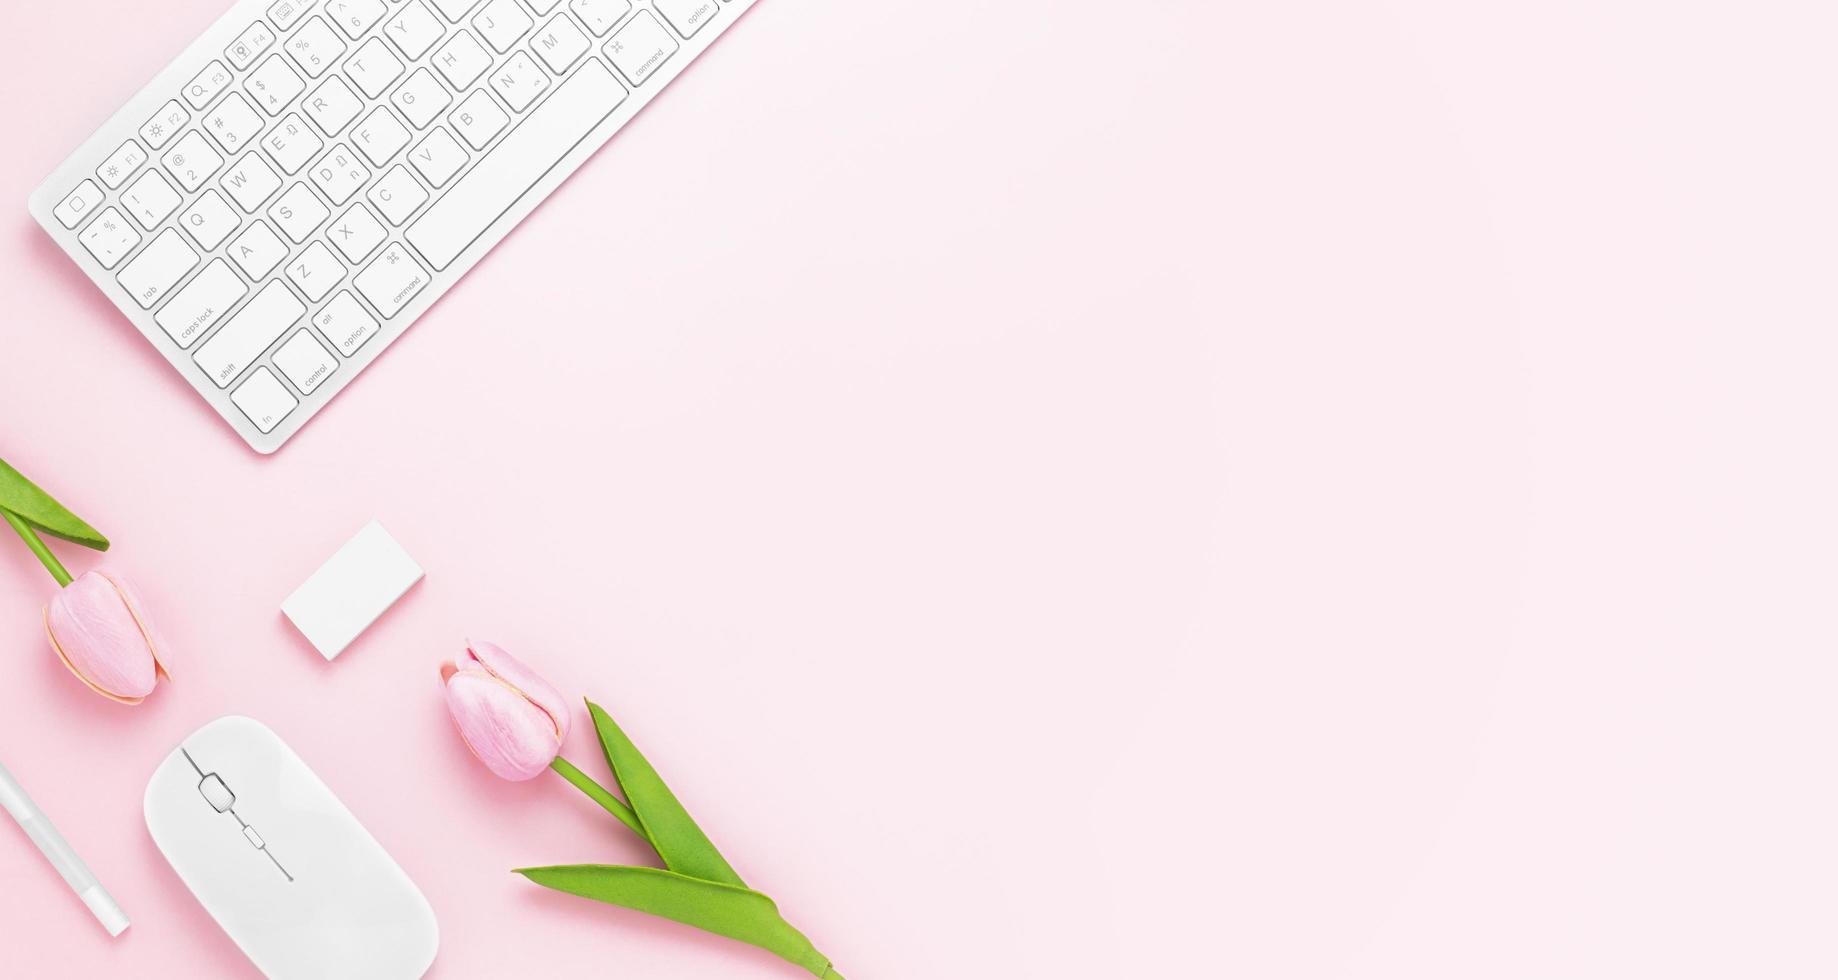 Minimaler Schreibtisch-Tisch mit Tastaturcomputer, Maus, weißem Stift, Tulpenblumen, Radiergummi auf einem rosa Pastelltisch mit Kopierraum für die Eingabe Ihres Textes, rosa Farbe Arbeitsplatzzusammensetzung, flache Lage, Draufsicht foto